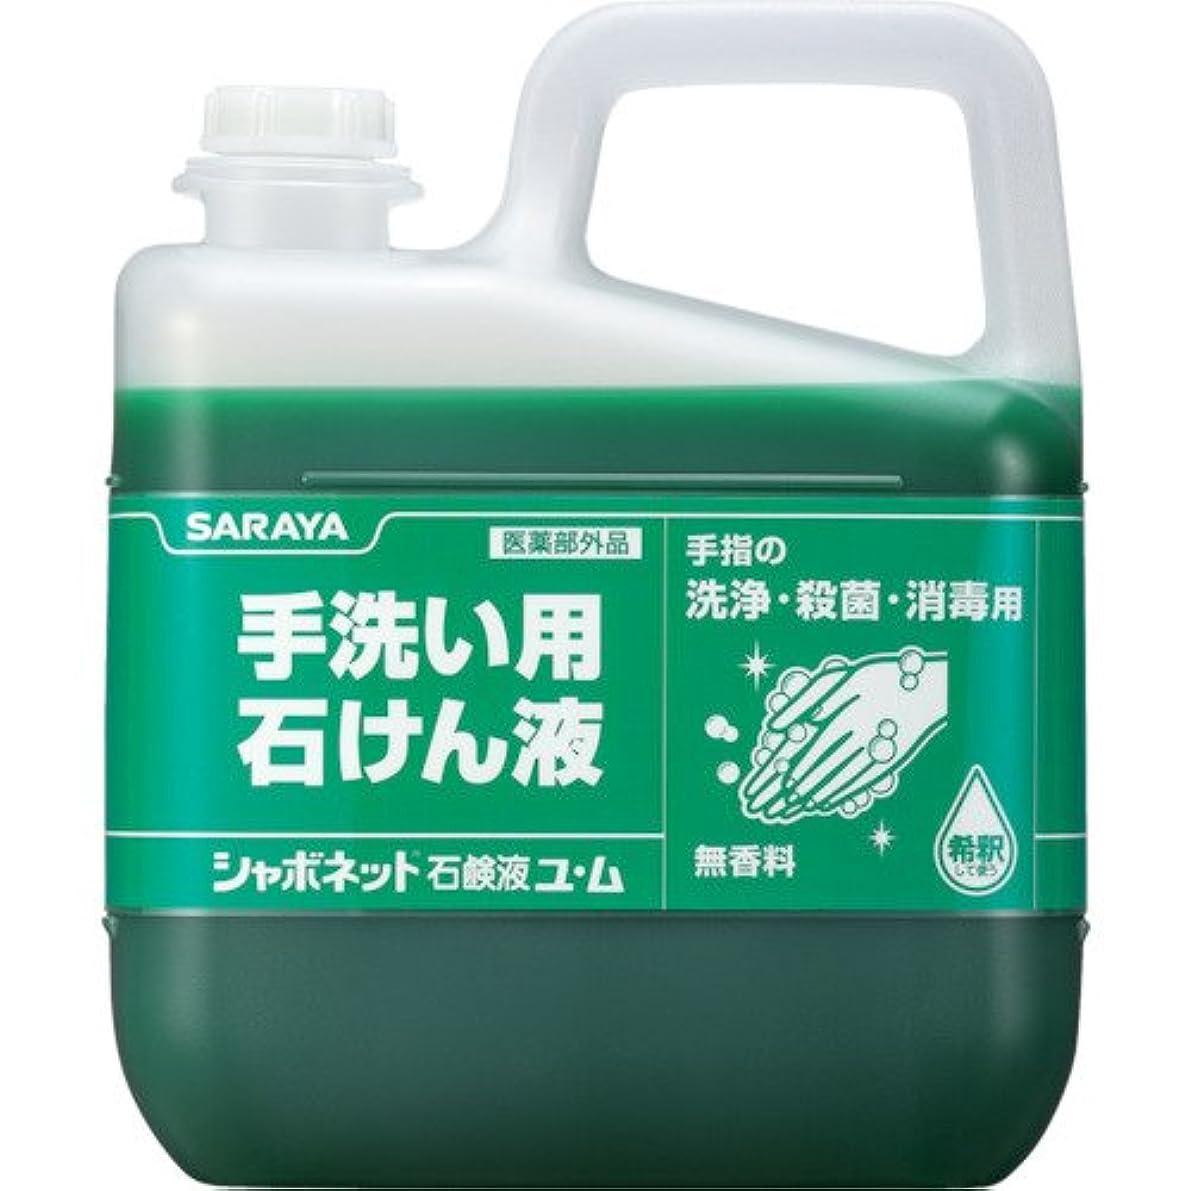 尋ねる苦悩硬いサラヤ ハンドソープ シャボネット石鹸液ユ?ム 5kg